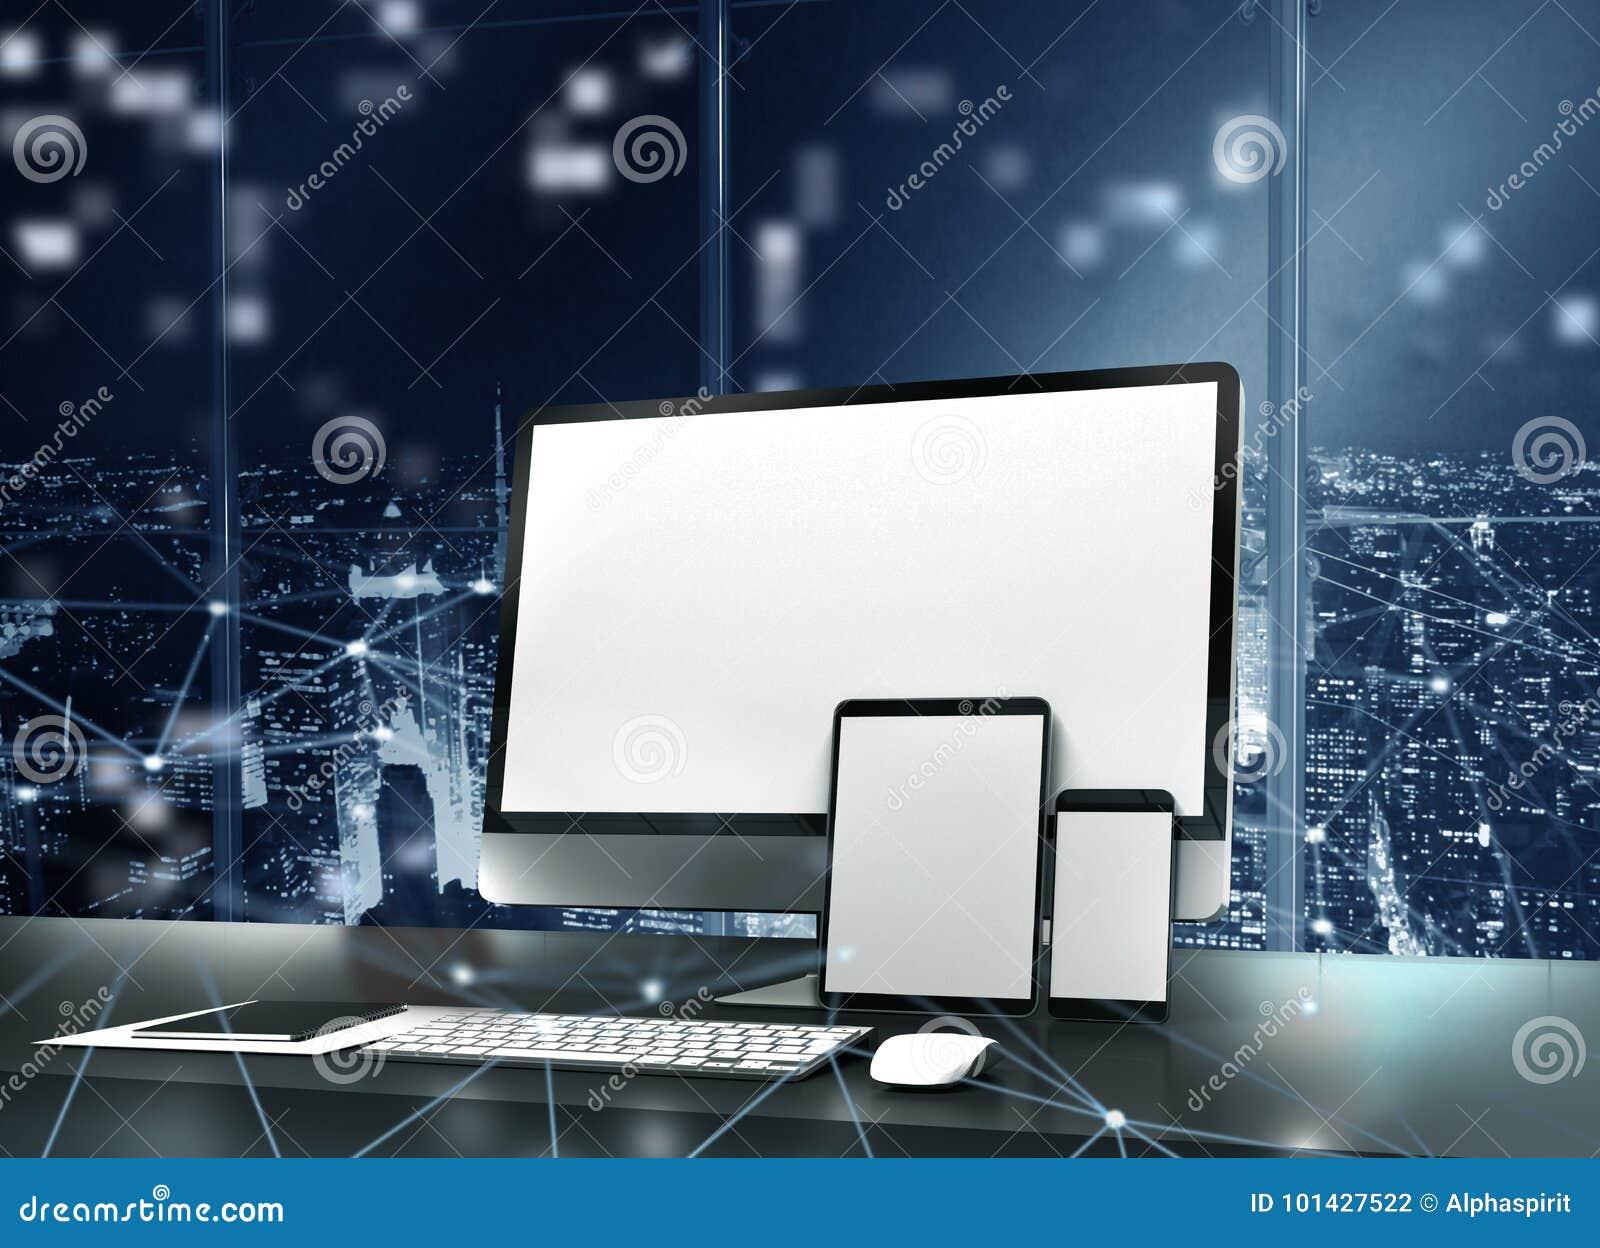 Computer, Tablette und smartpone schlossen an Internet an Konzept des Internets